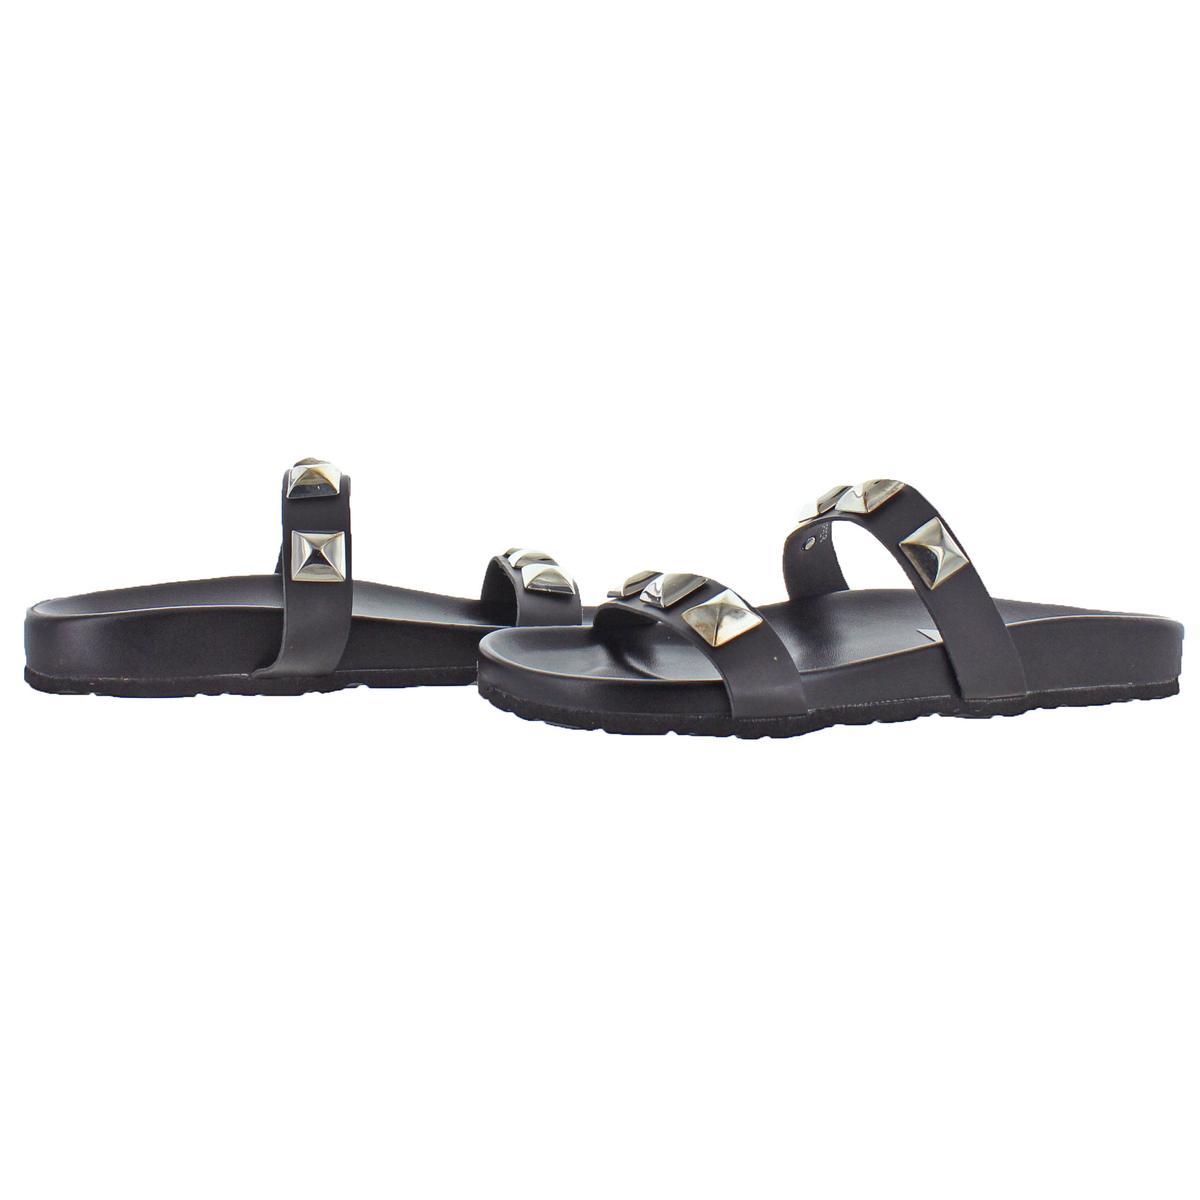 Steve-Madden-Women-039-s-Yield-Leather-Studded-Flat-Slide-Sandals thumbnail 3